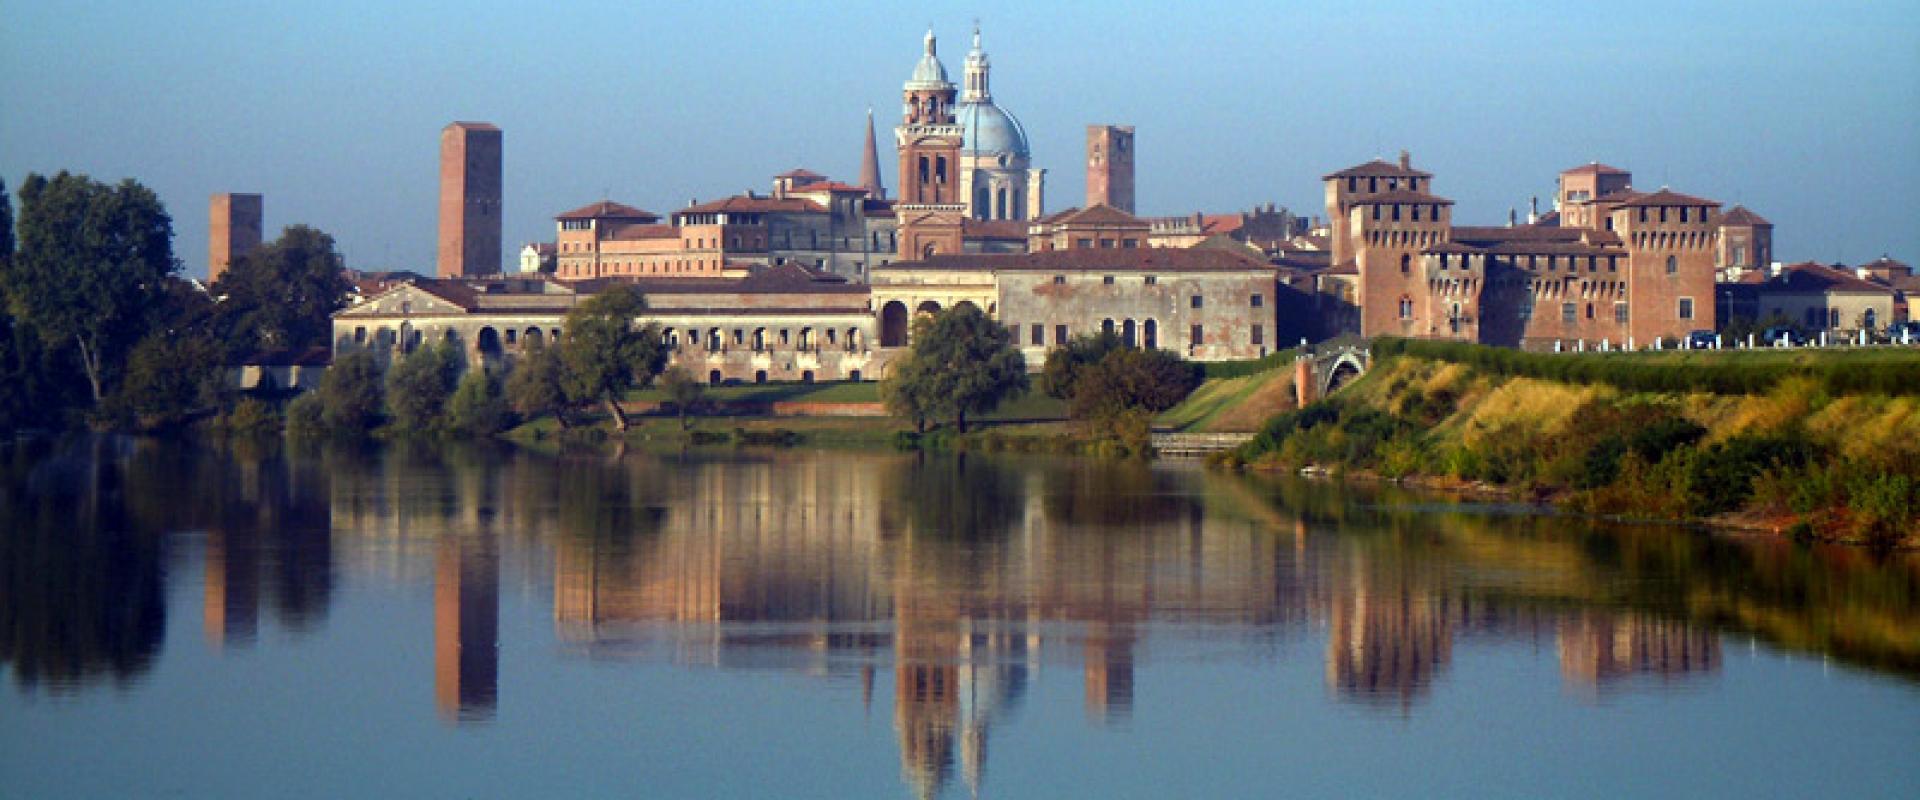 visit of Mantua